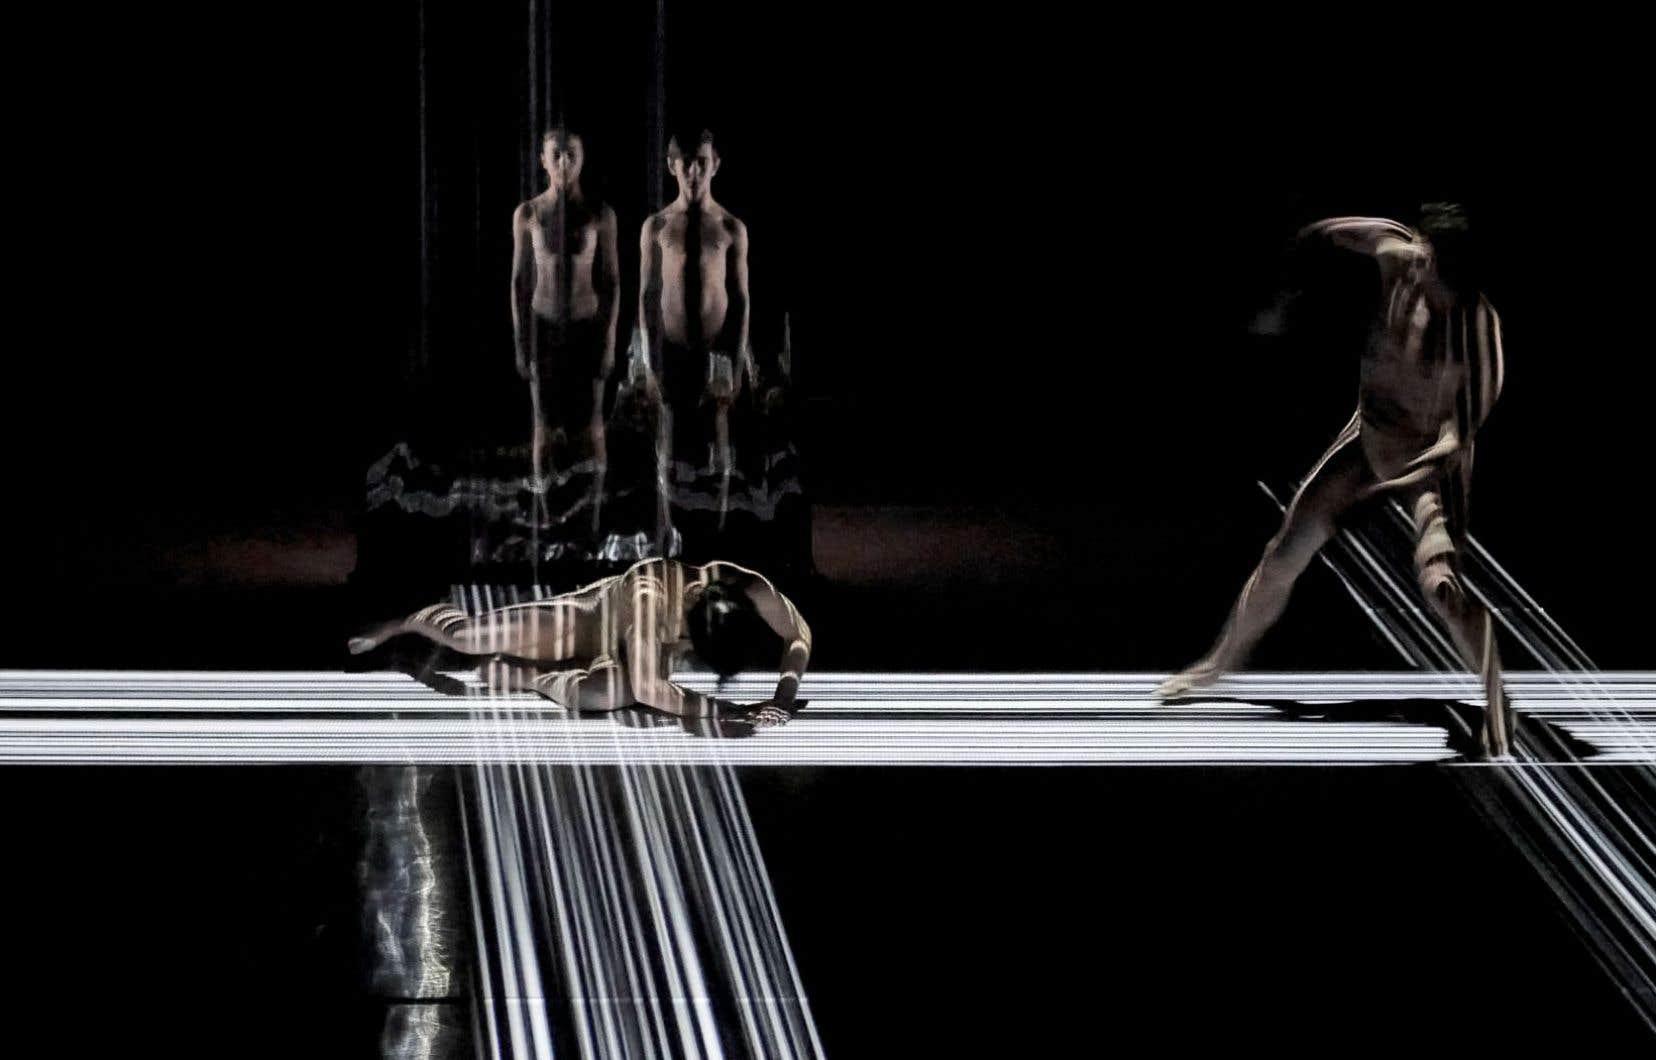 Grâce au design d'interaction créé par Jérôme Delapierre, les danseurs interagissent en temps réel avec l'image et leurs clones virtuels.